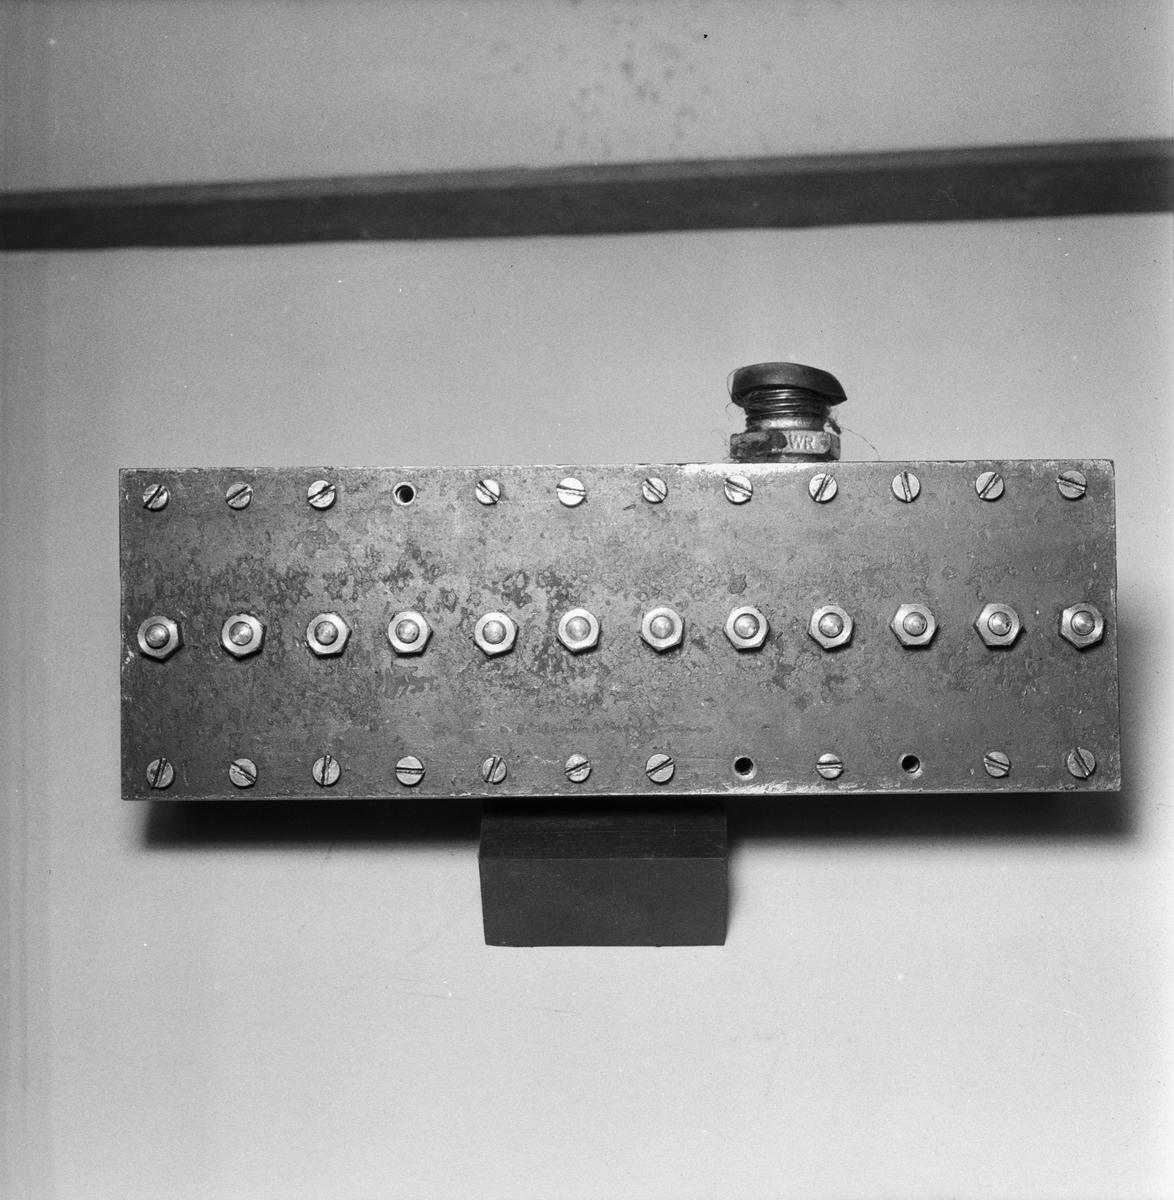 Övrigt: Foto datum: 23/10 1955 Byggnader och kranar Ramgengomgångar för elkablar